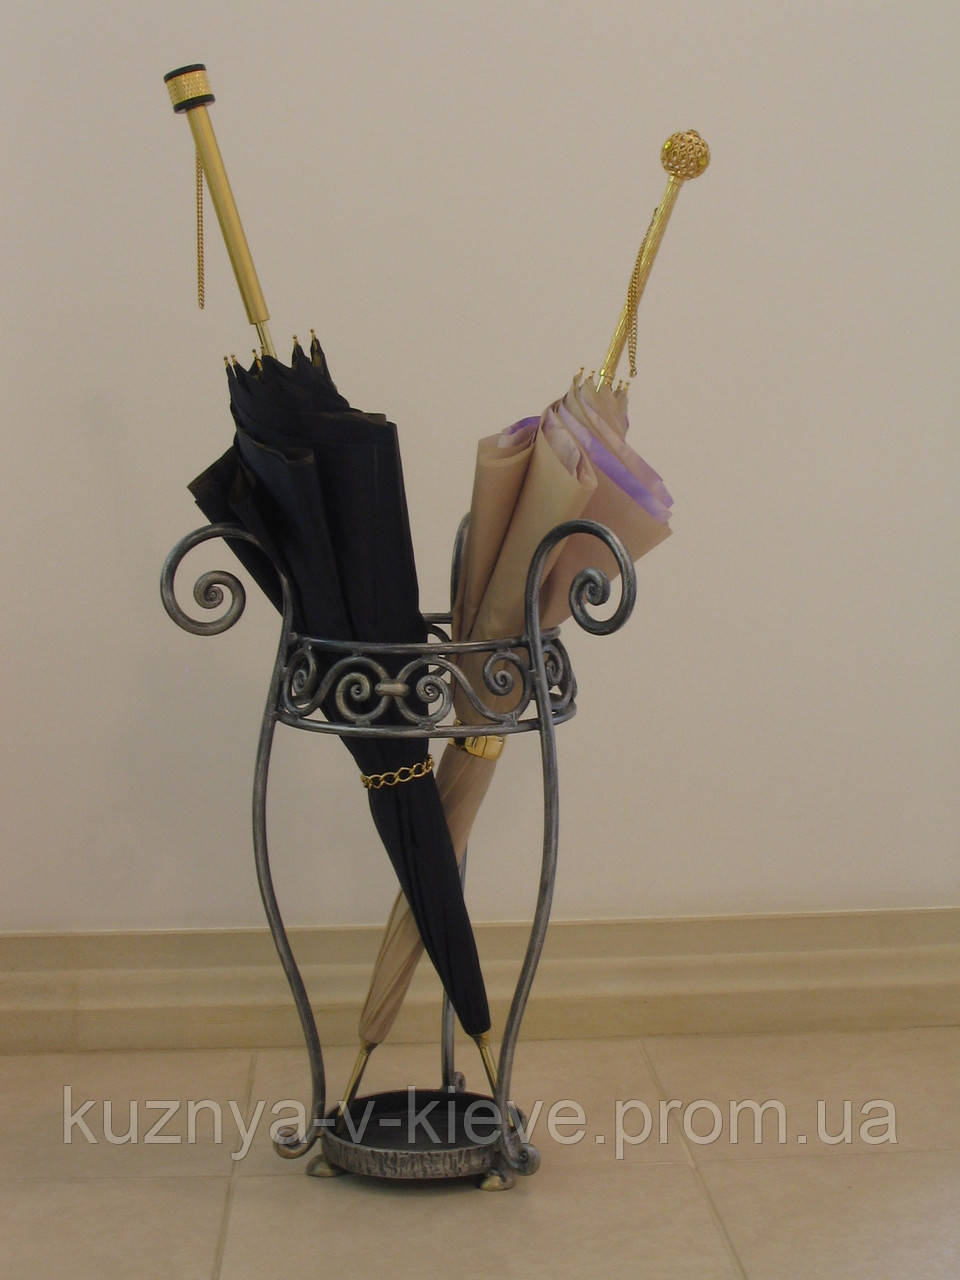 Подставка для зонтов МИЛОНД